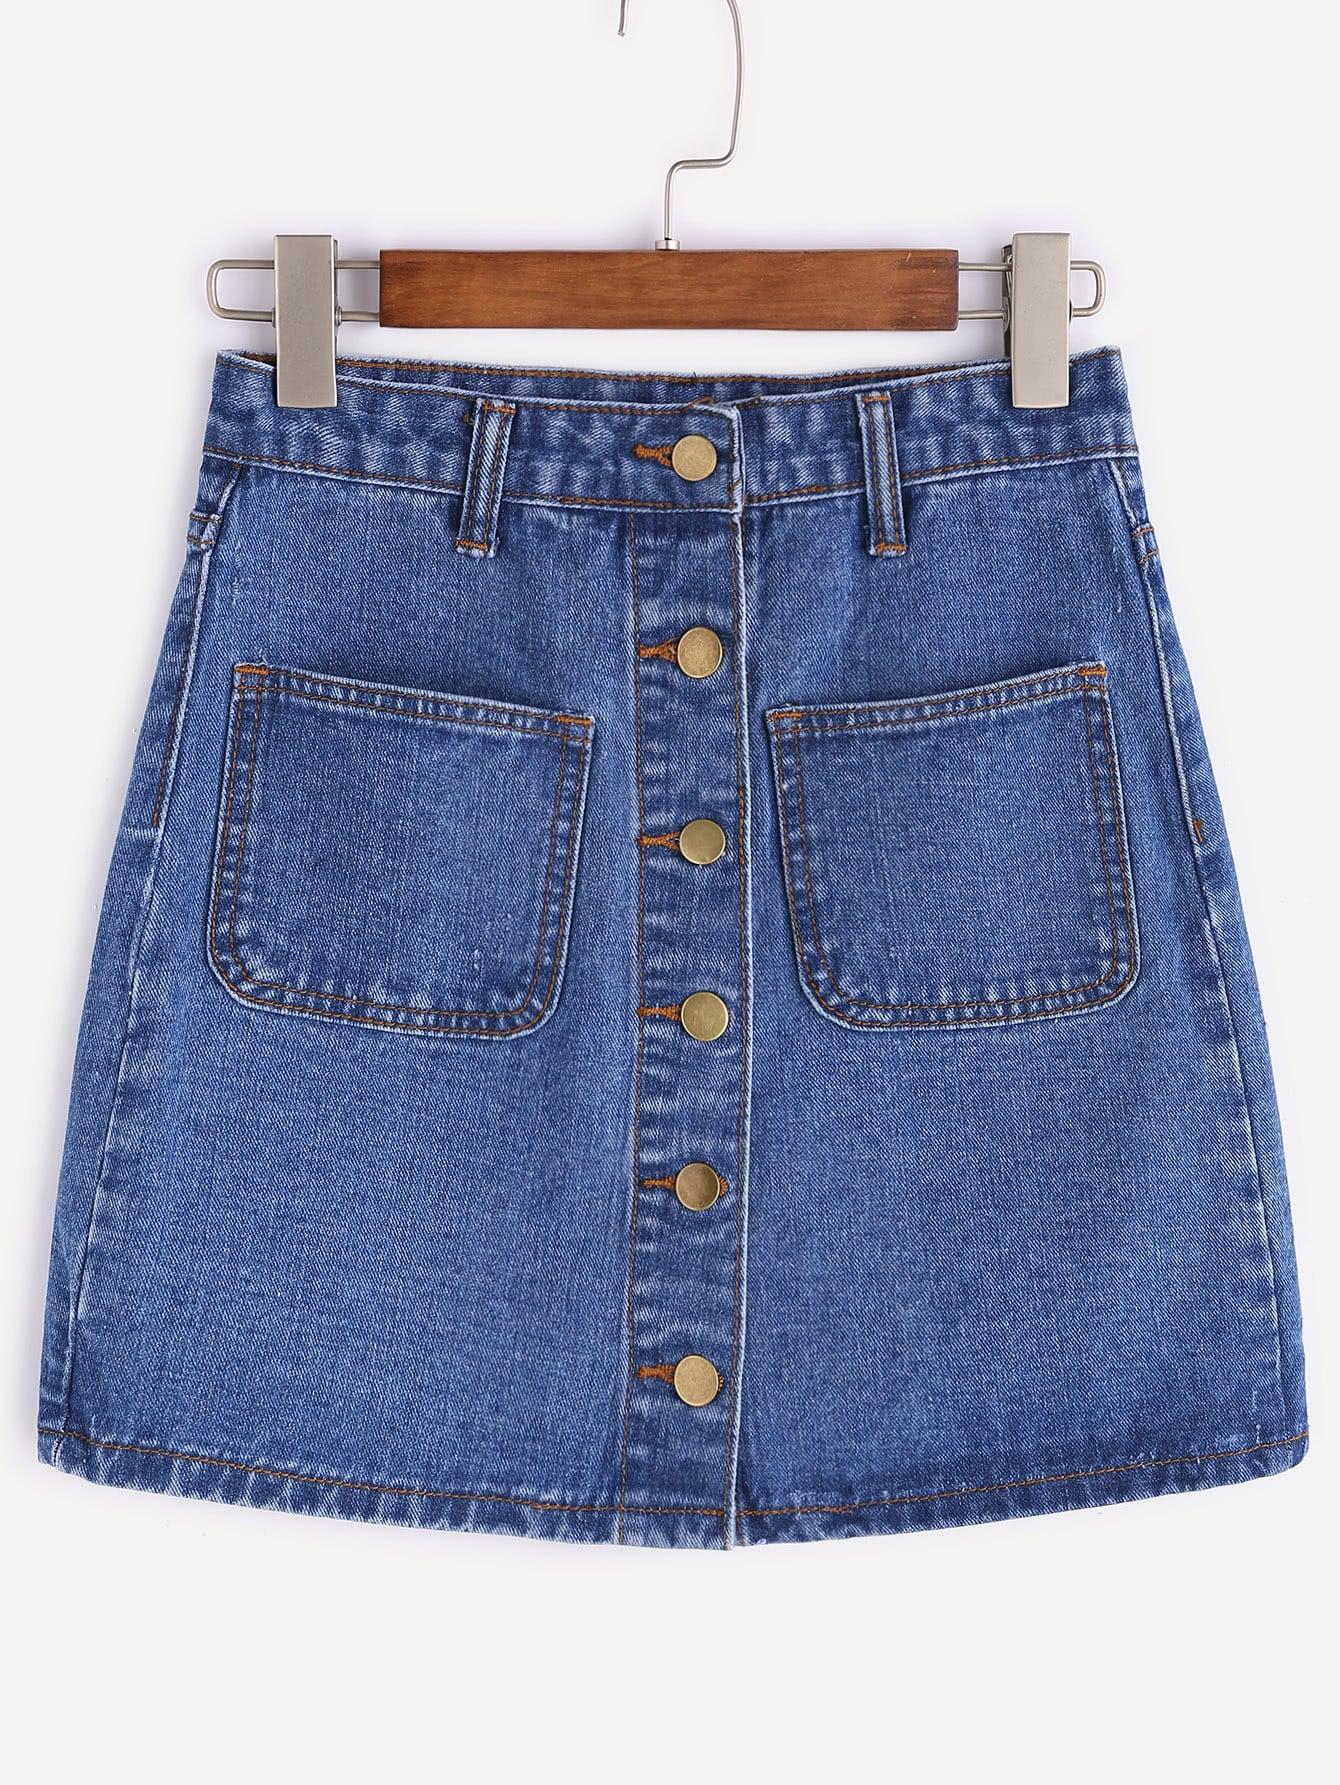 Single Breasted Dual Pockets Denim Skirt vintage single breasted solid color furcal denim suspender skirt